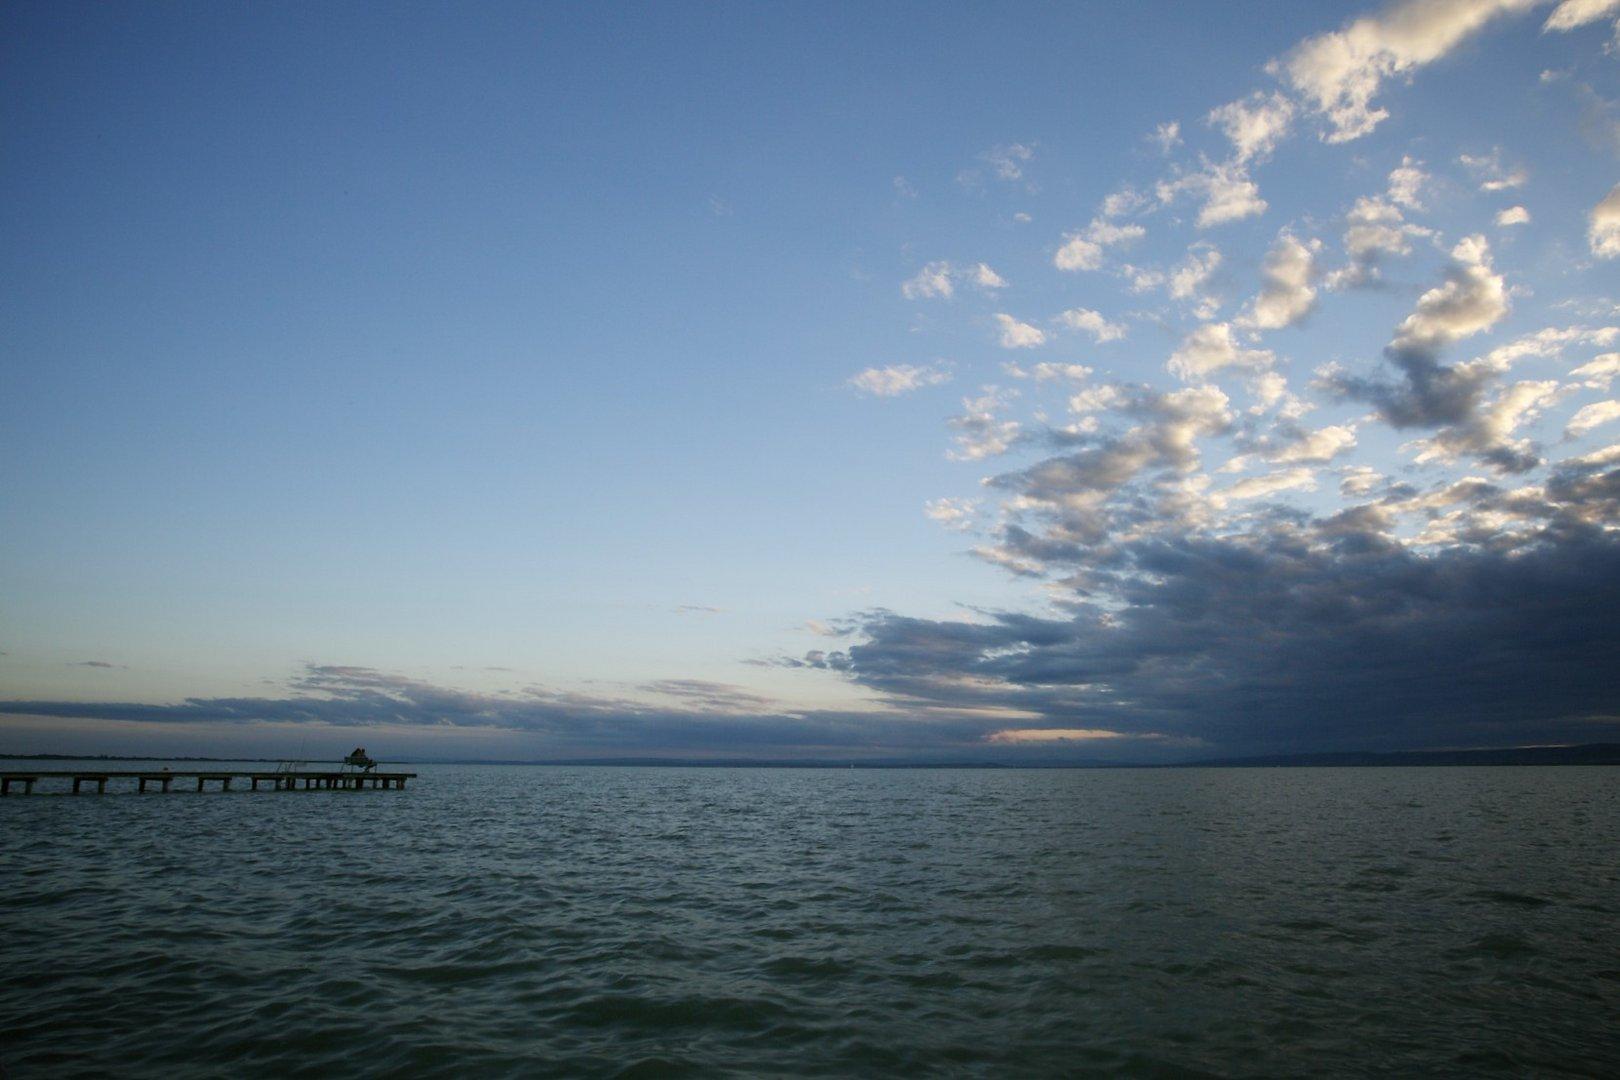 Ein aufrichtiger Gedanke kann Himmel und Erde bewegen.